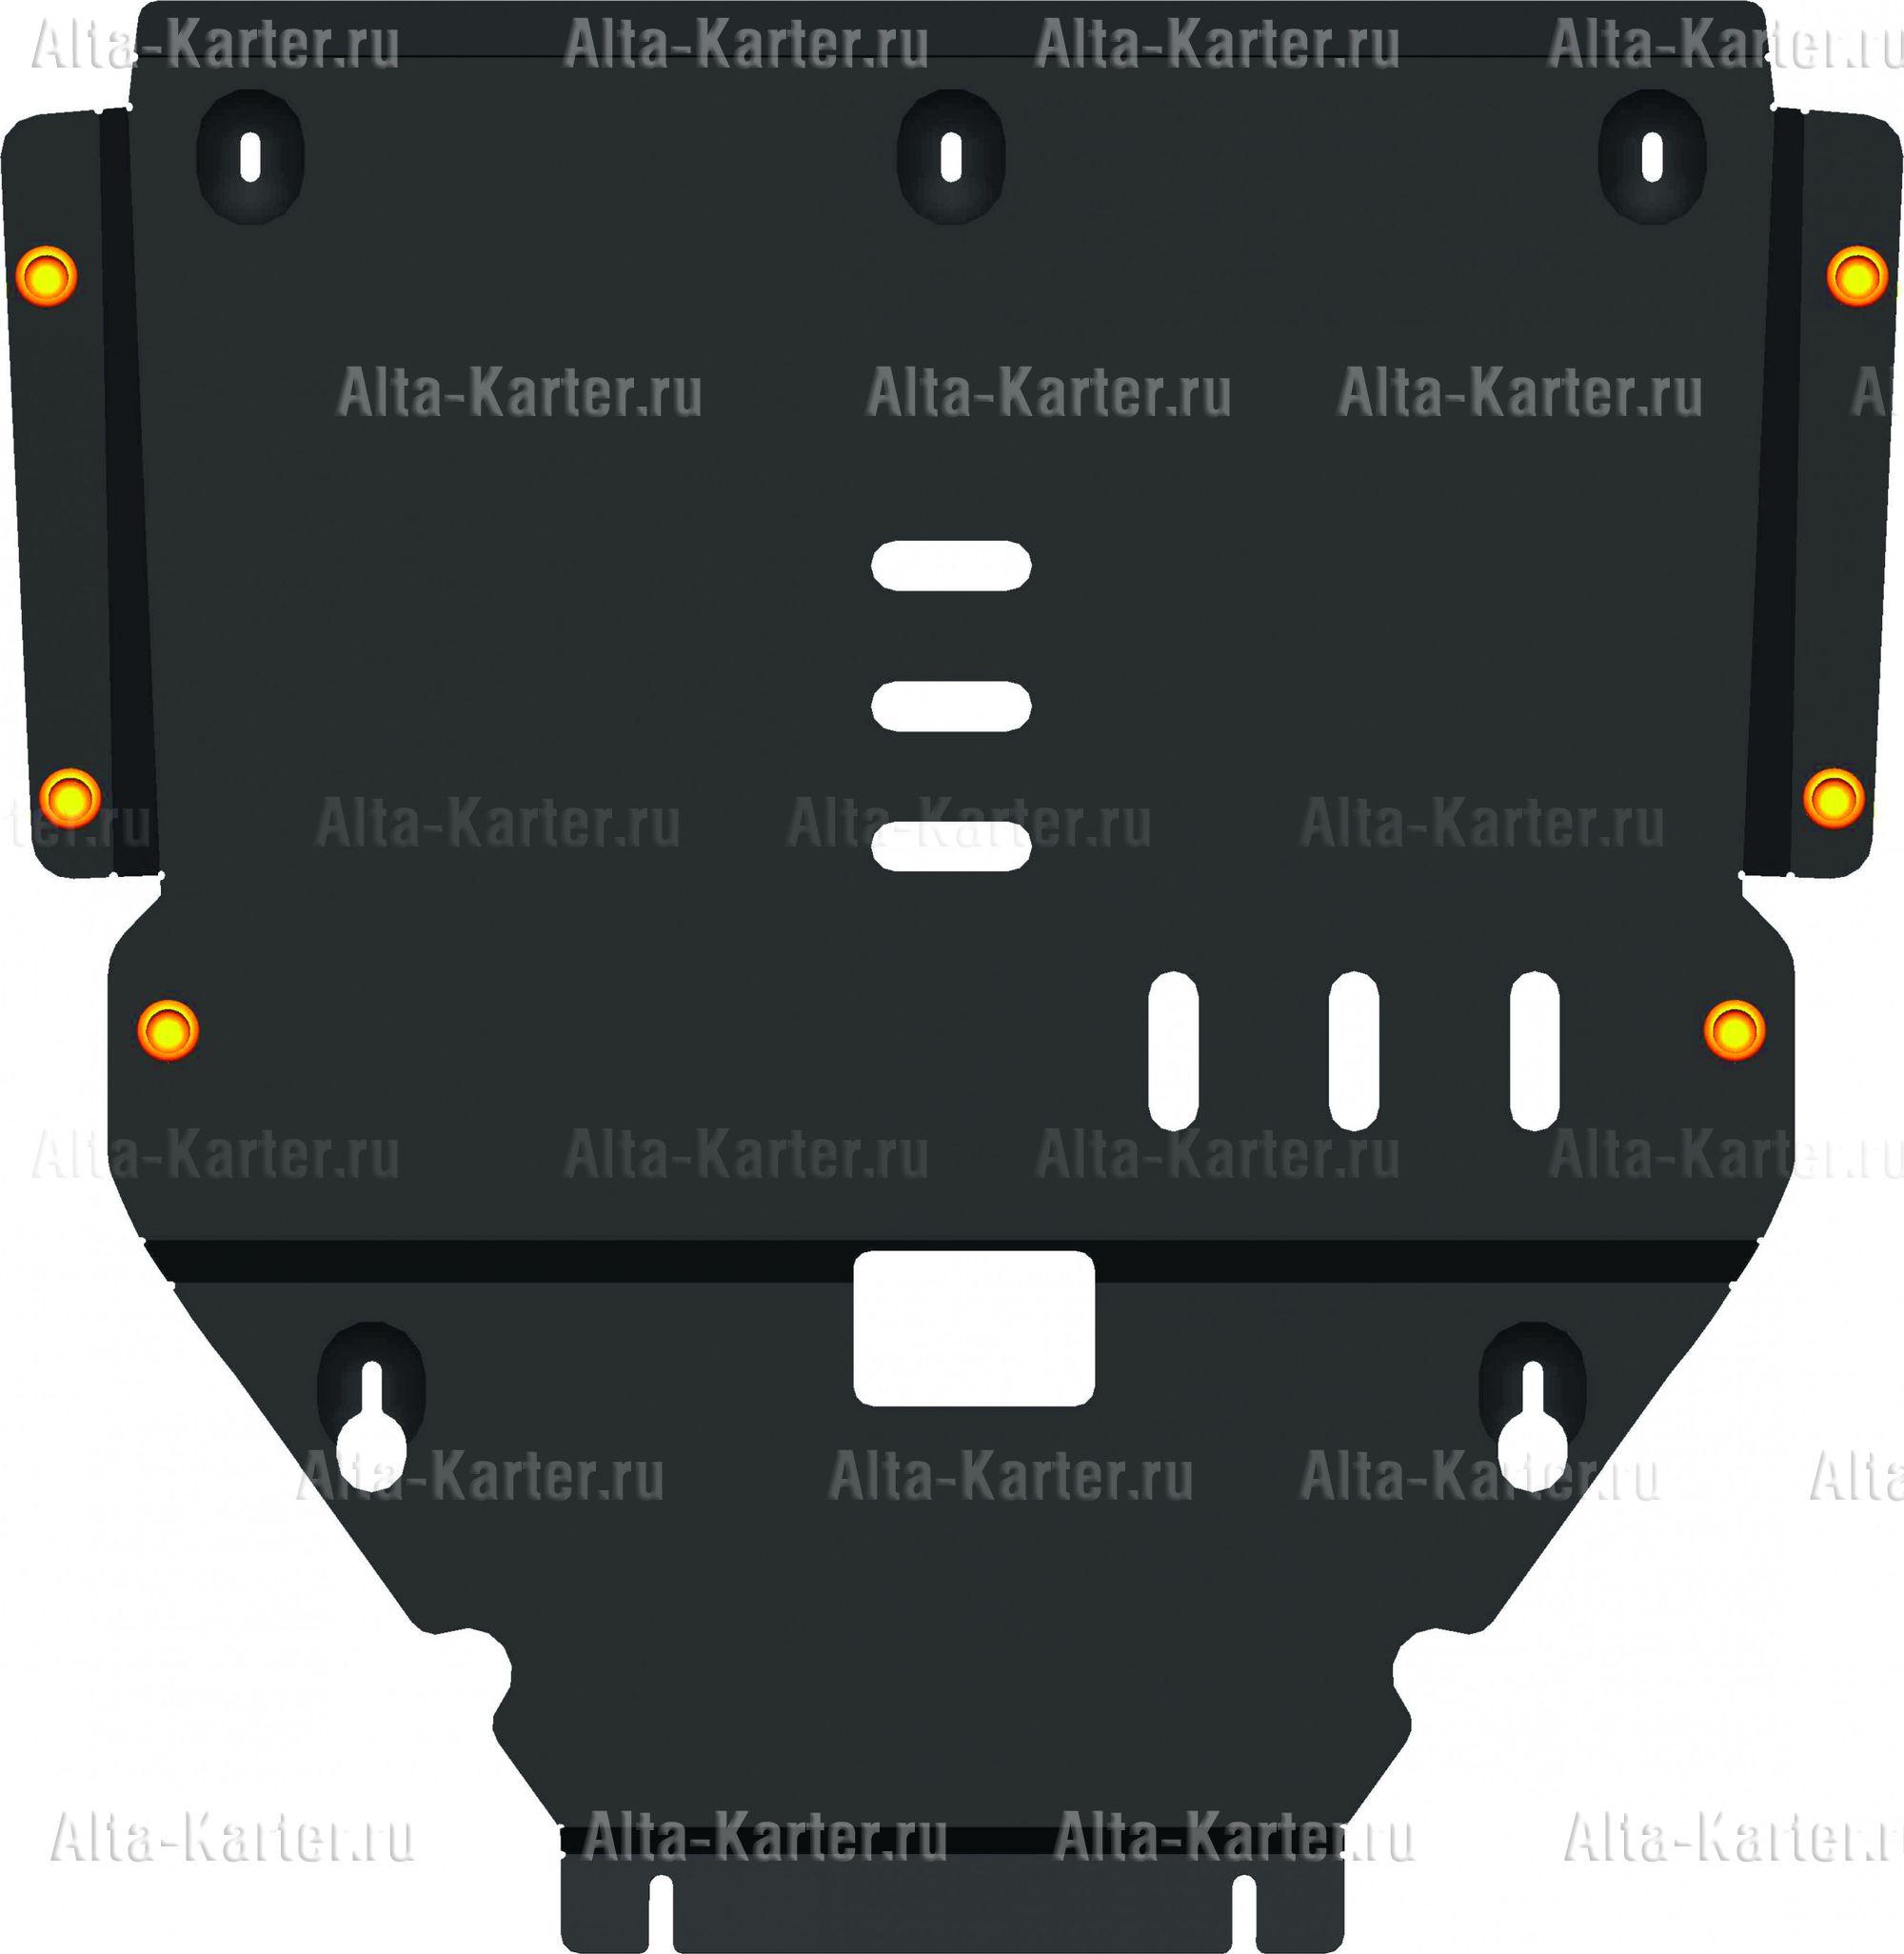 Защита Alfeco для картера и КПП Mercedes-Benz B-Класс W246 2011-2018. Артикул ALF.36.14